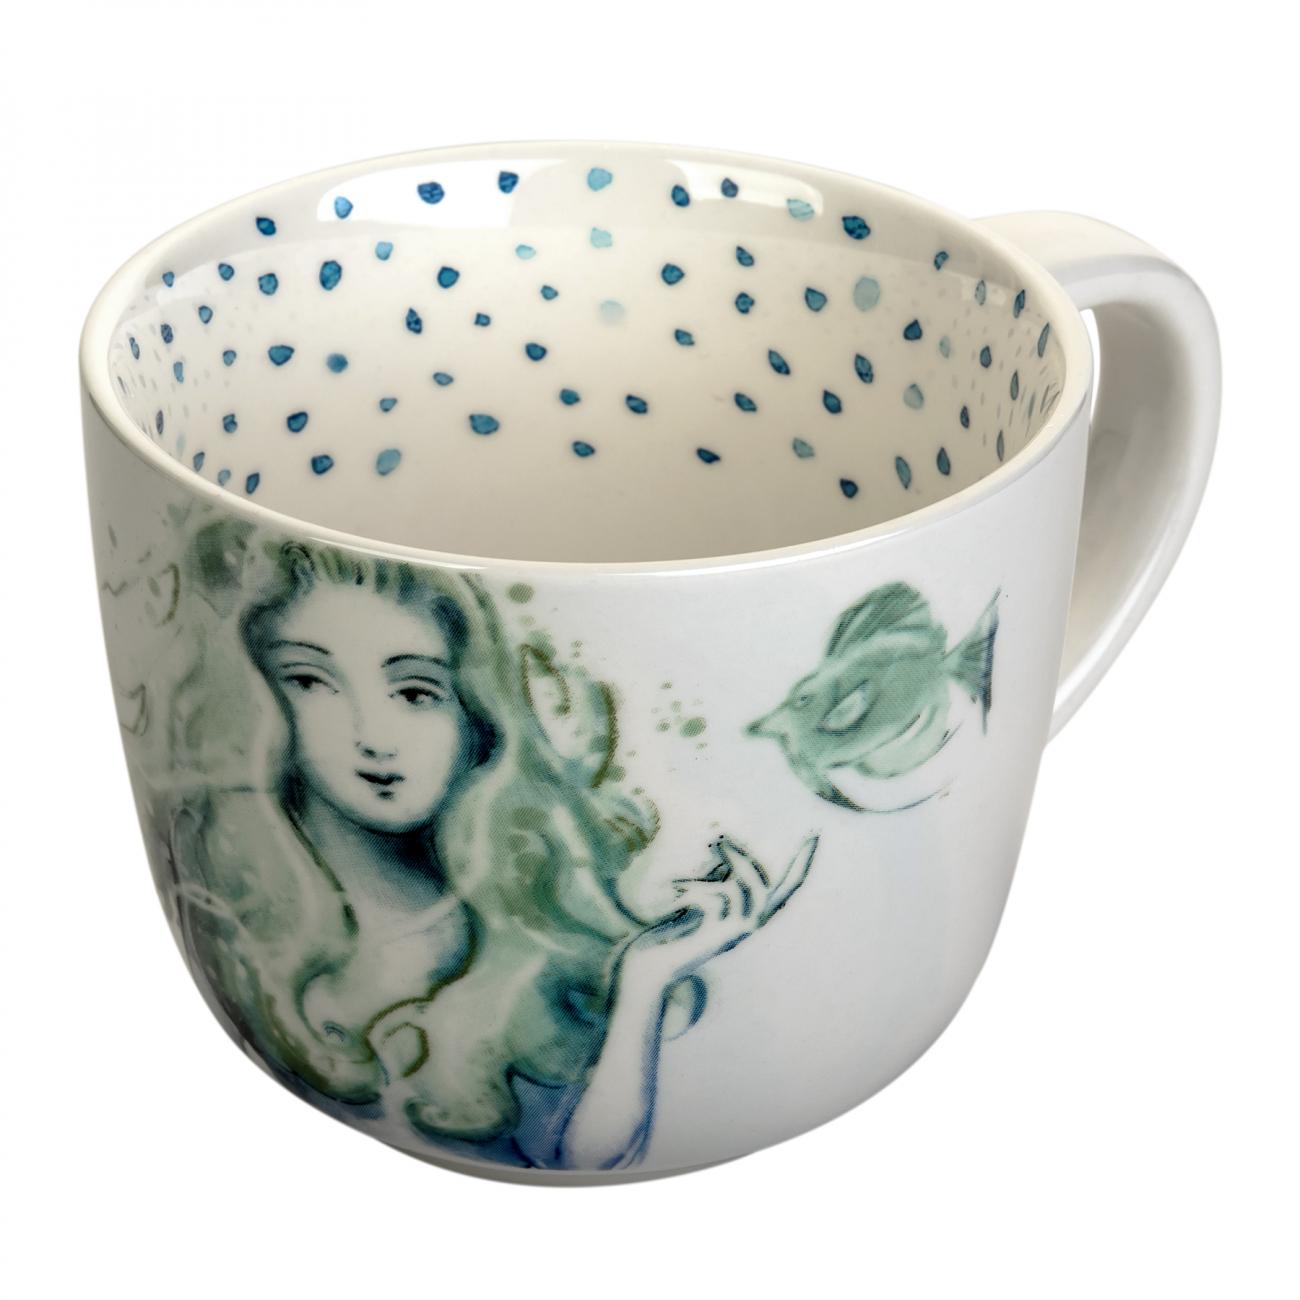 Купить Чашка в морском стиле Русалка в интернет магазине дизайнерской мебели и аксессуаров для дома и дачи